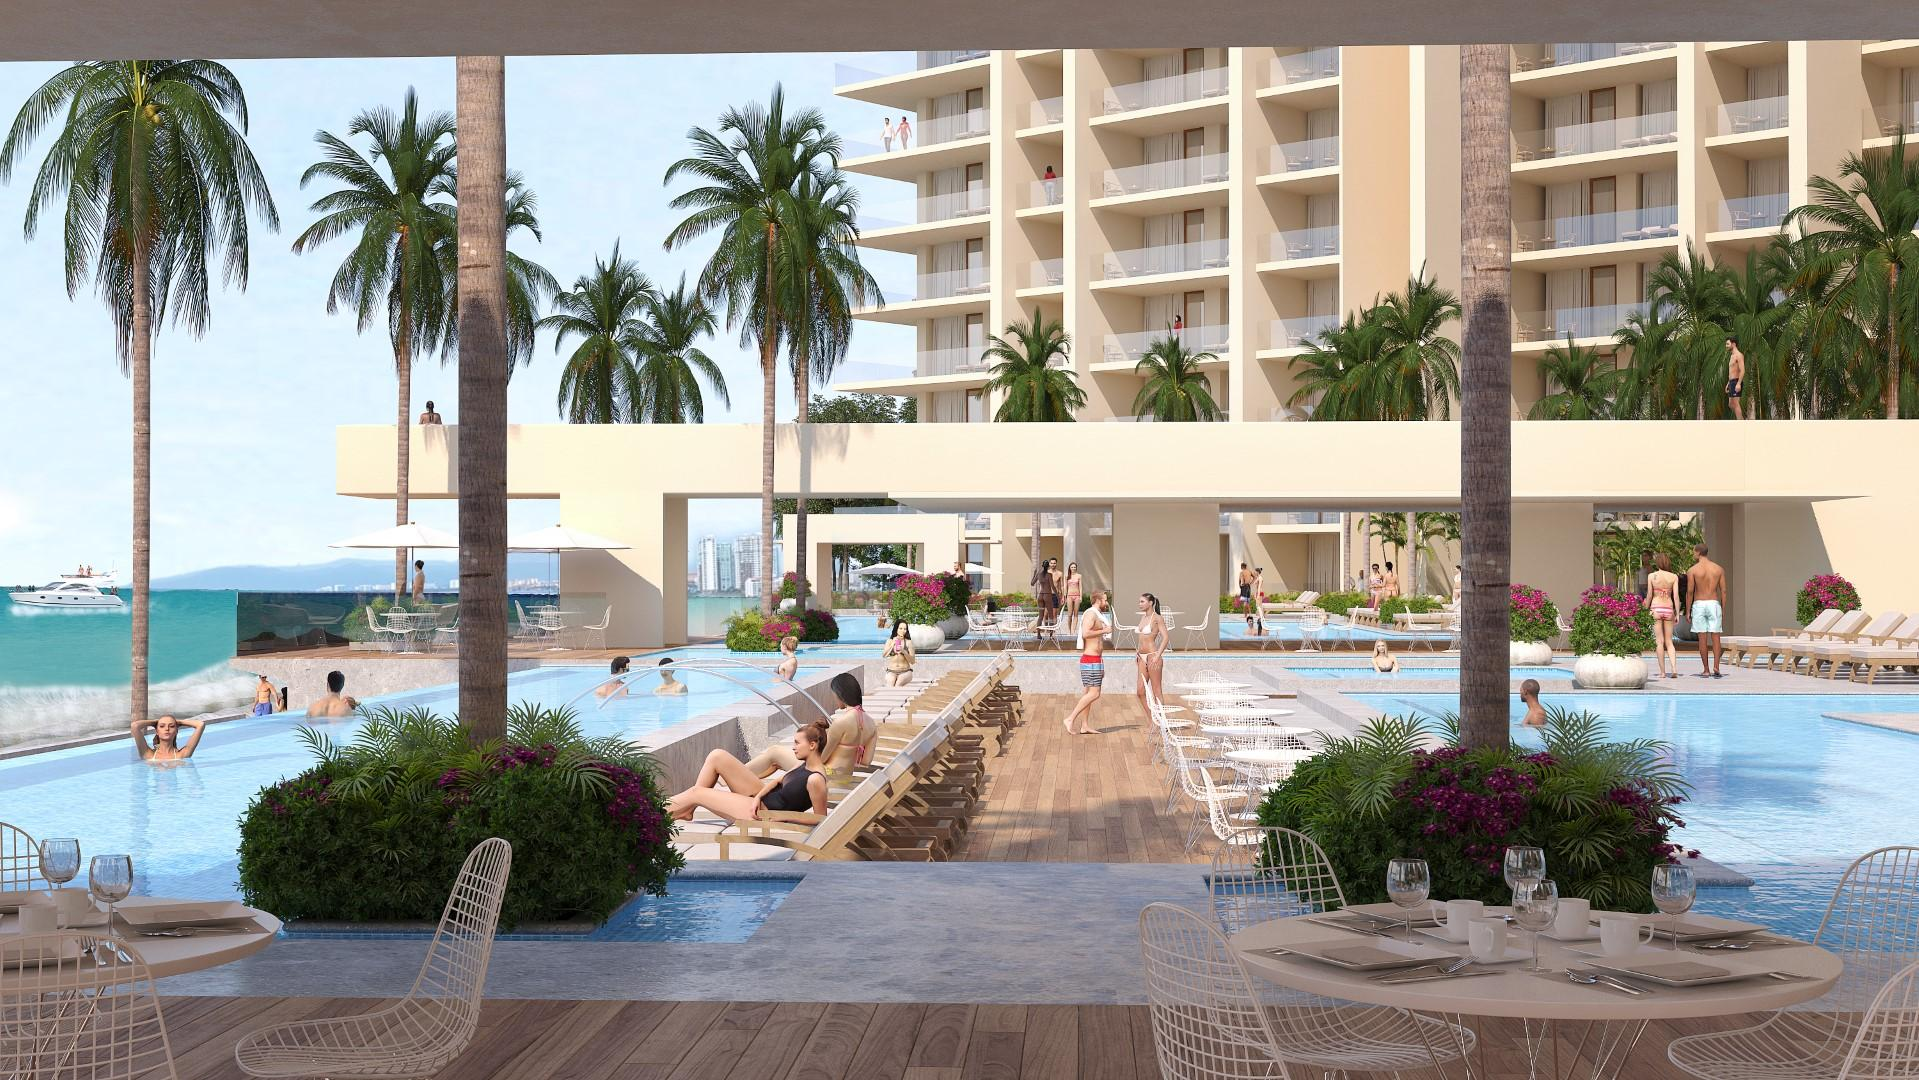 Hotel Zone, 2 Bedrooms Bedrooms, ,2 BathroomsBathrooms,Condo,For Sale,Febronio Uribe,22152